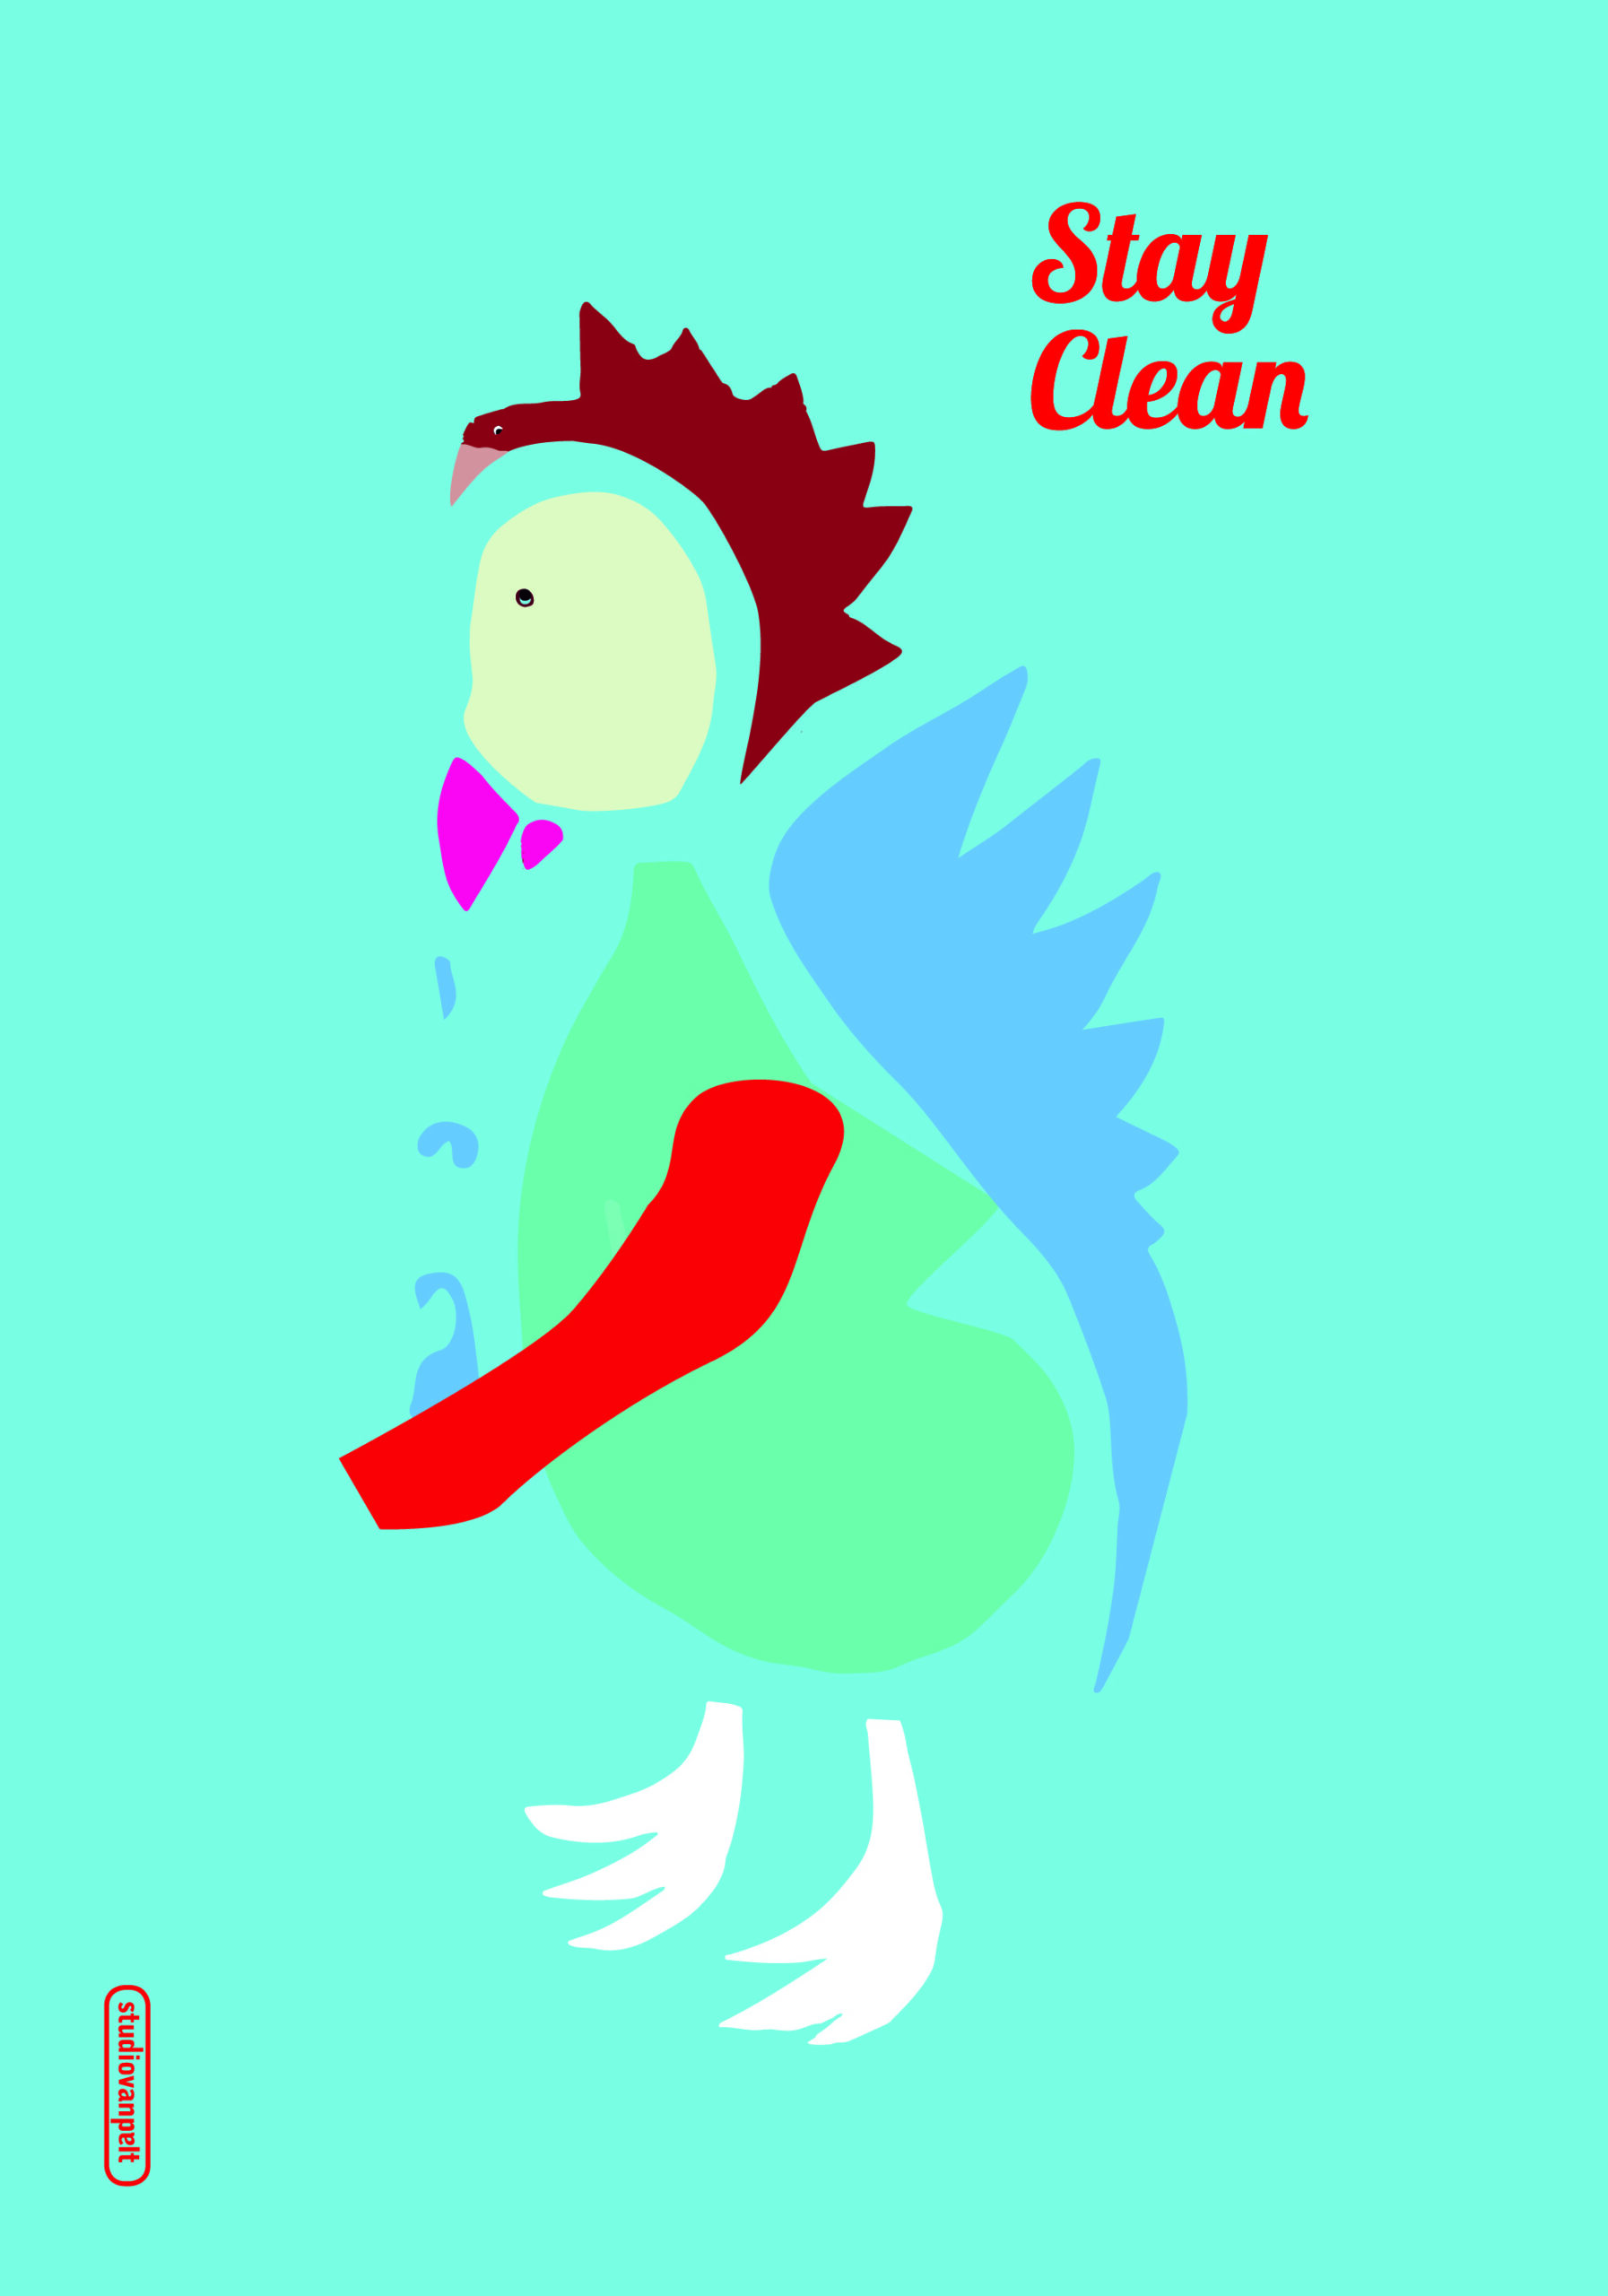 stay-clean poster design crealuras